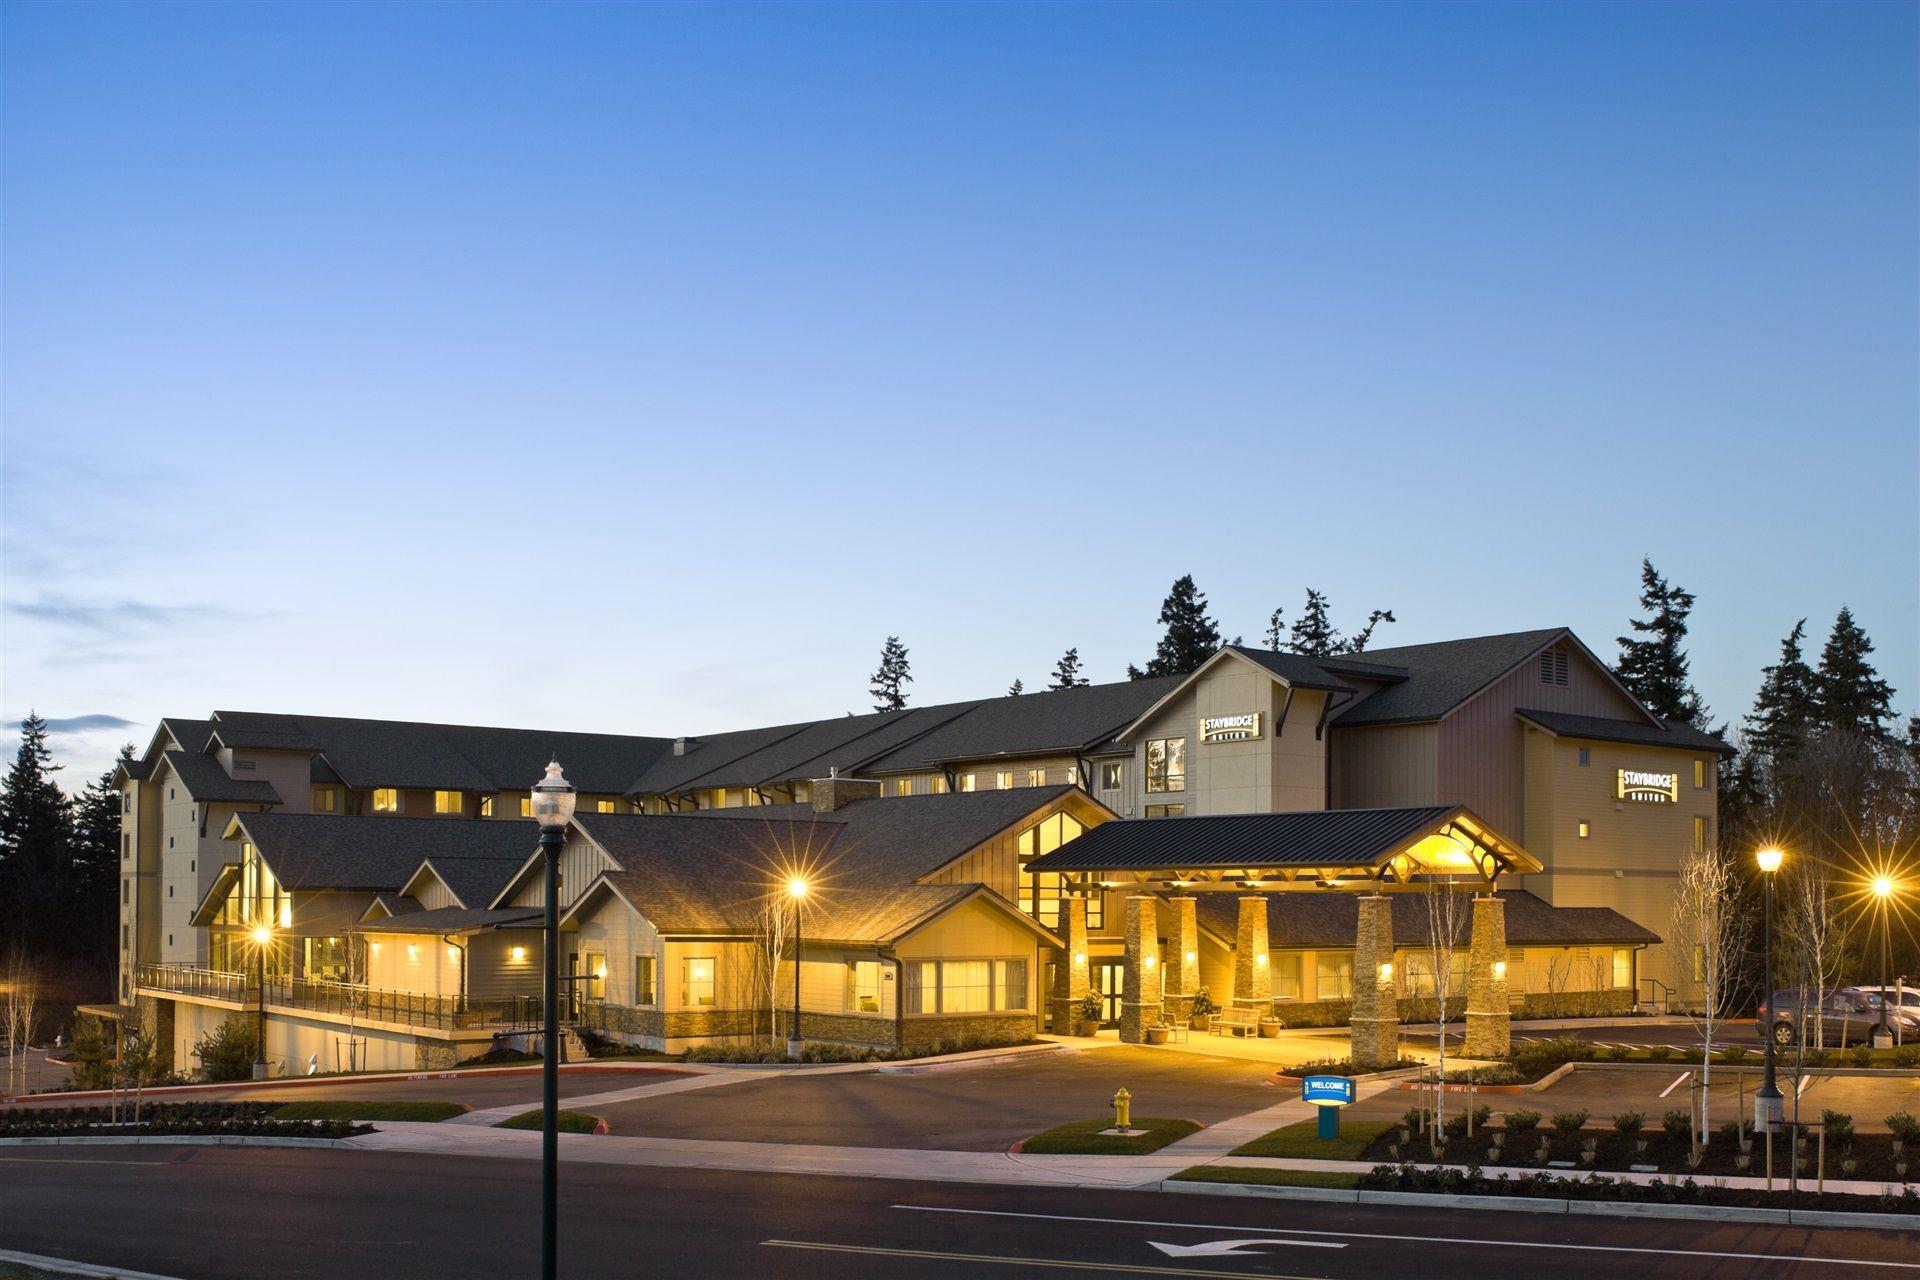 Staybridge Suites Mukilteo Wa United States Everett Of America